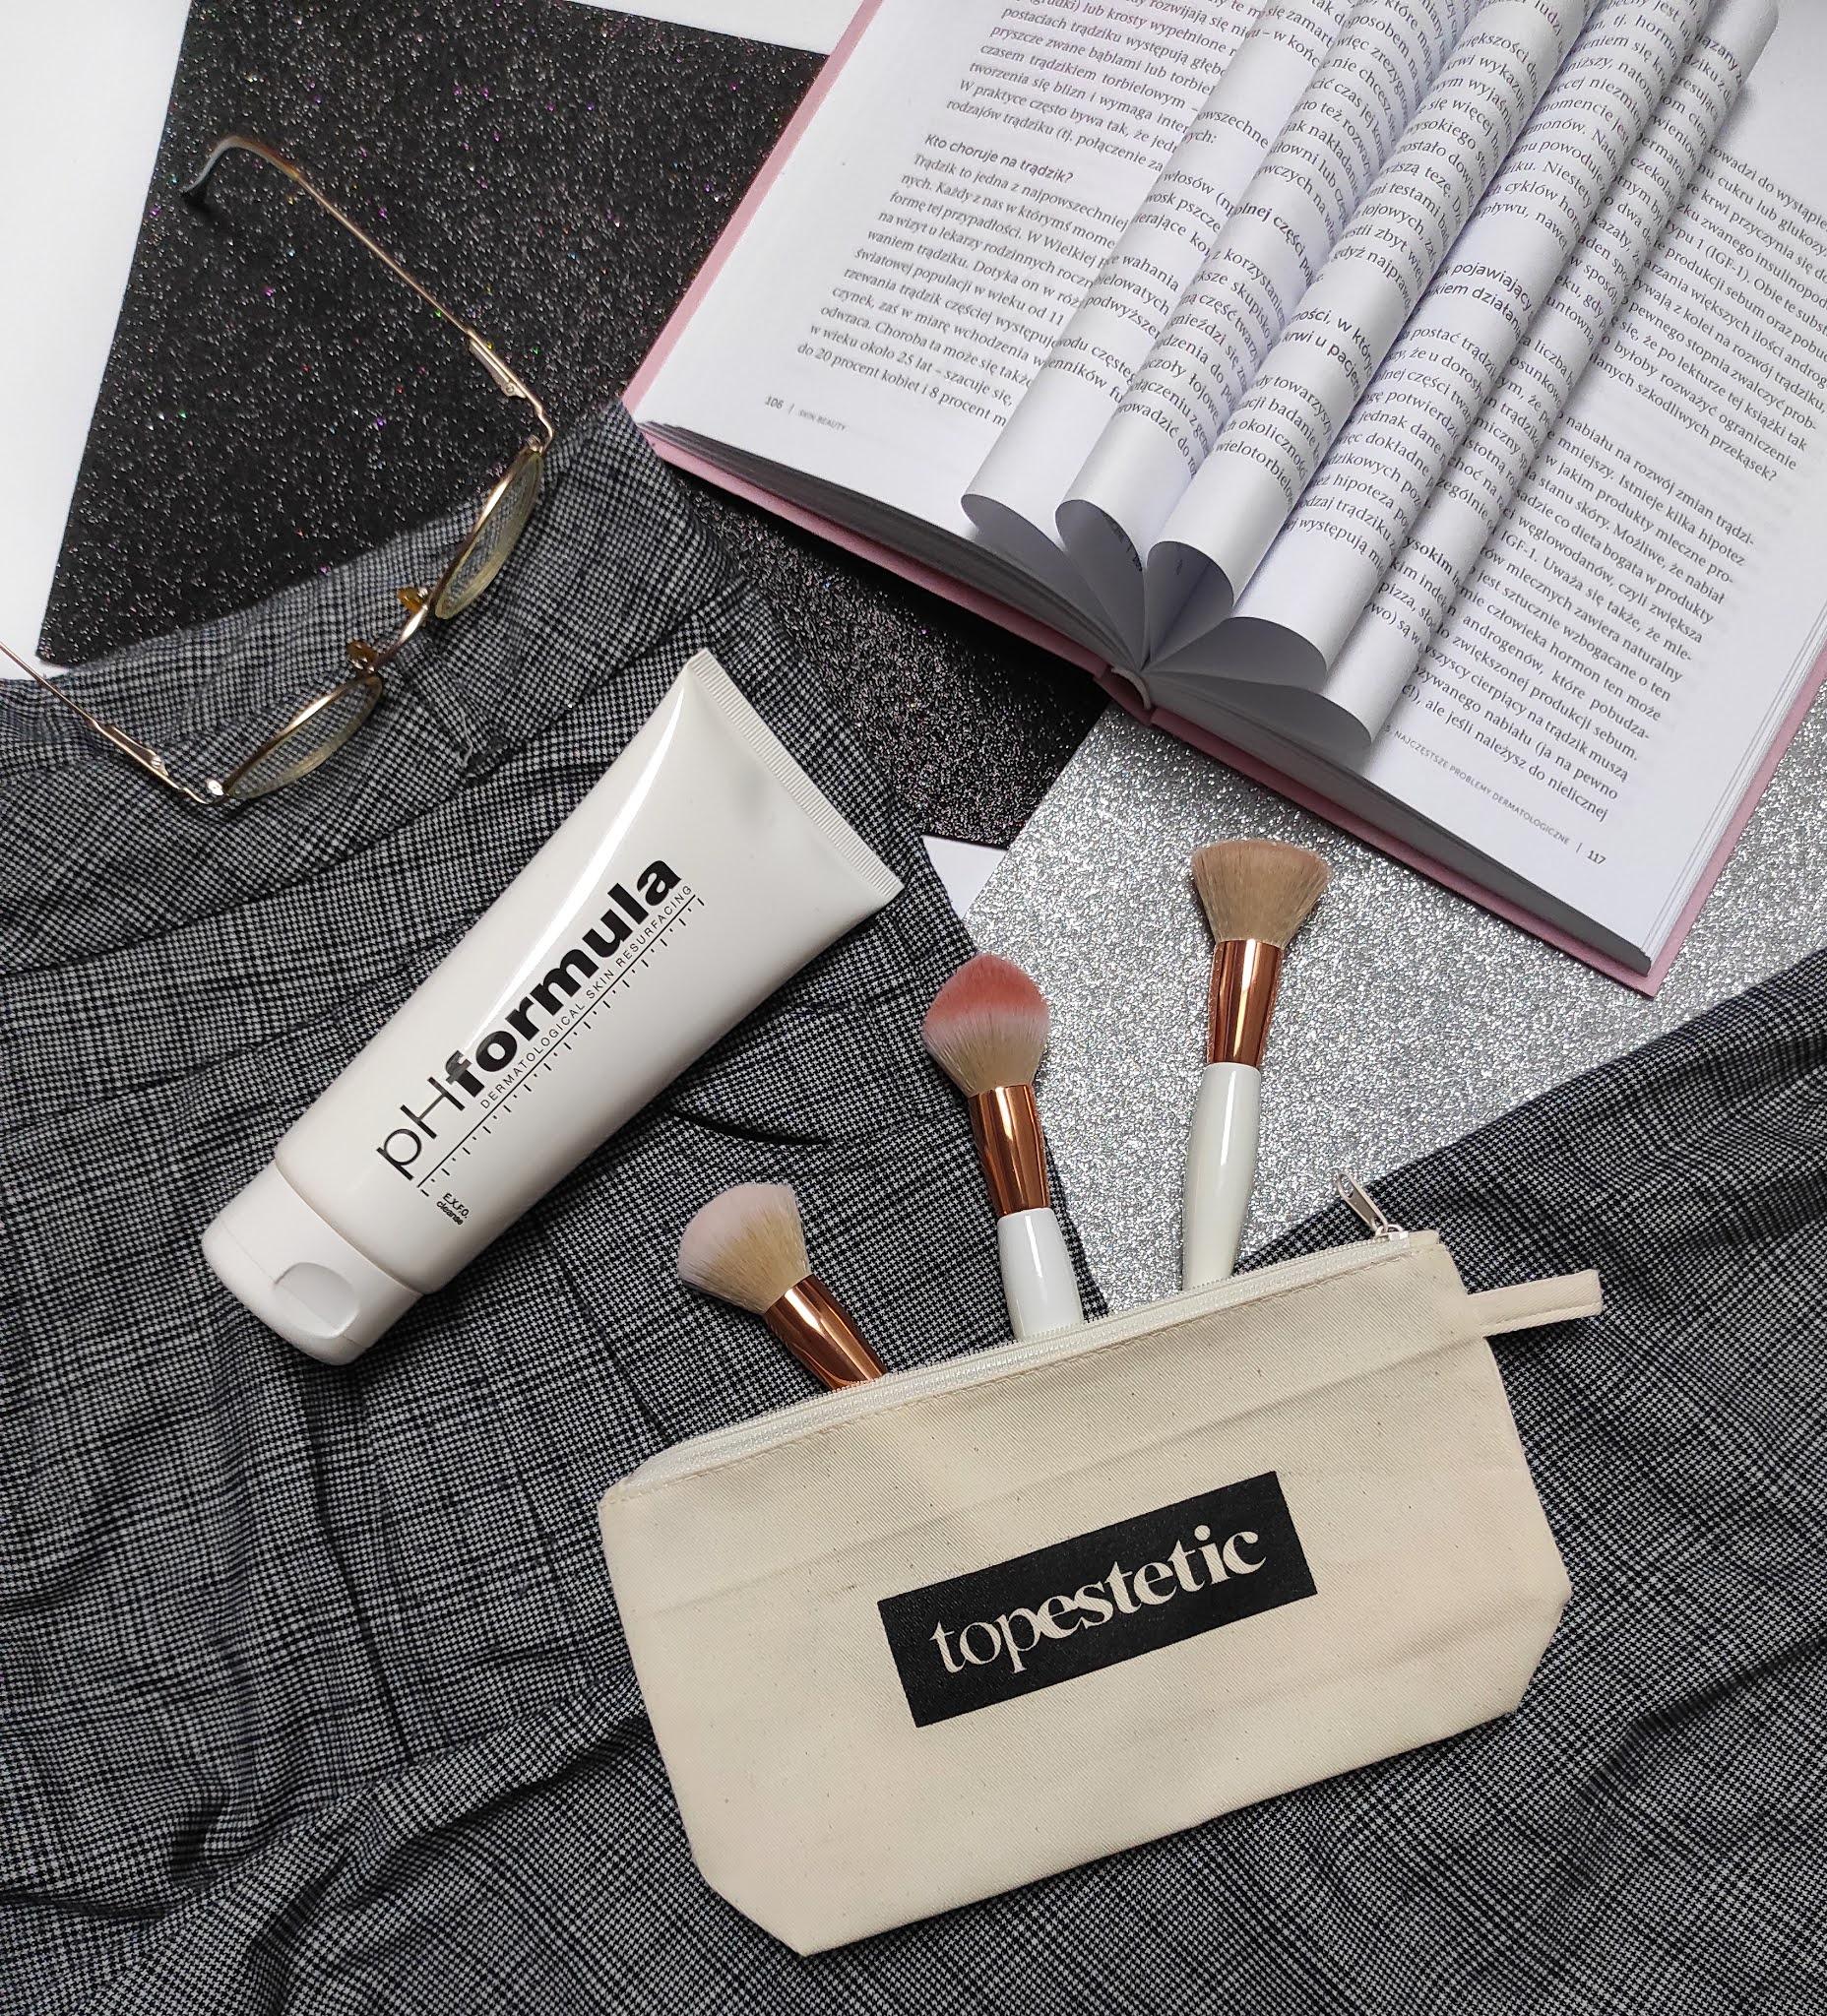 E.X.F.O. Cleanse - emulsja oczyszczająca do twarzy phFormula - recenzja - Topestetic.pl